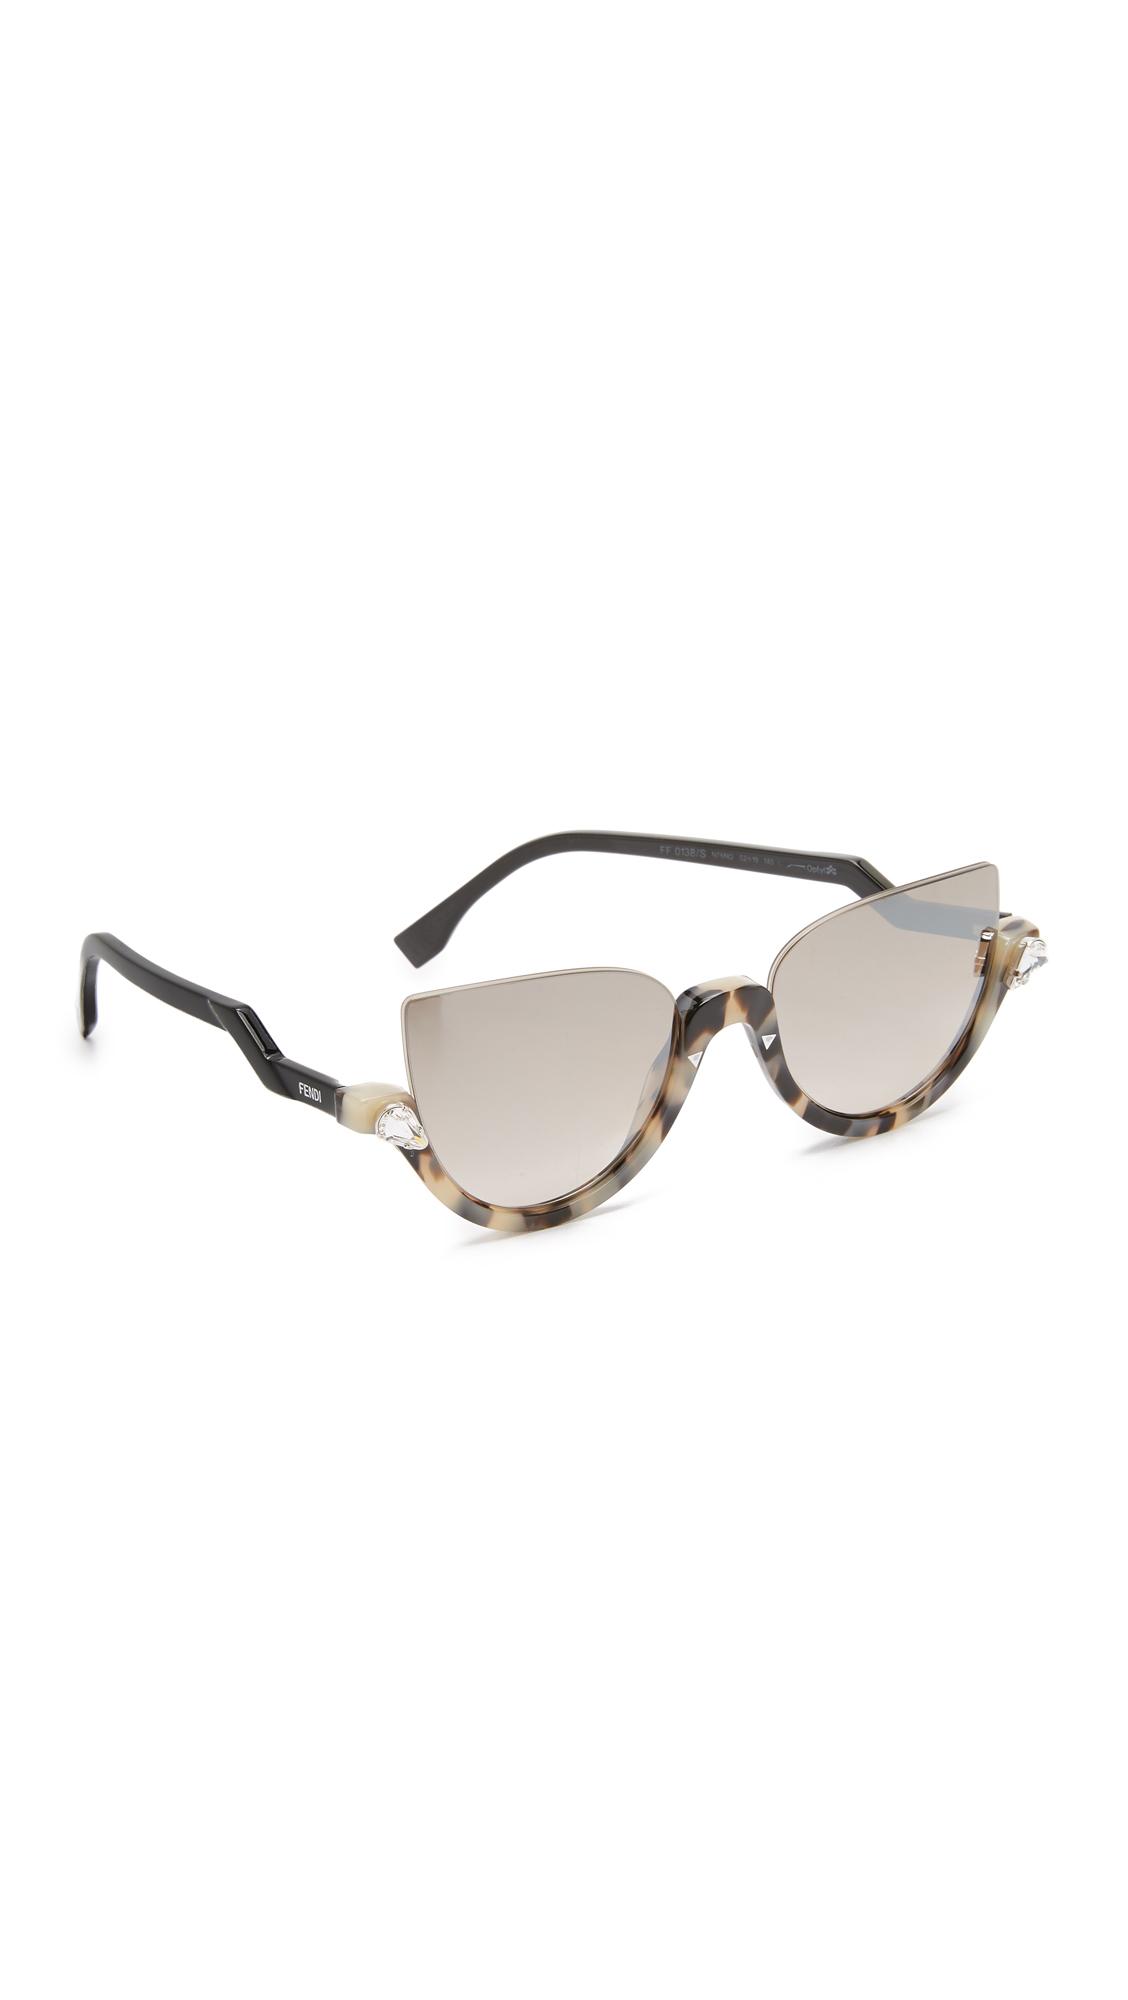 2eb7e0ea1270 Fendi Demi Crystal Sunglasses in Green - Lyst